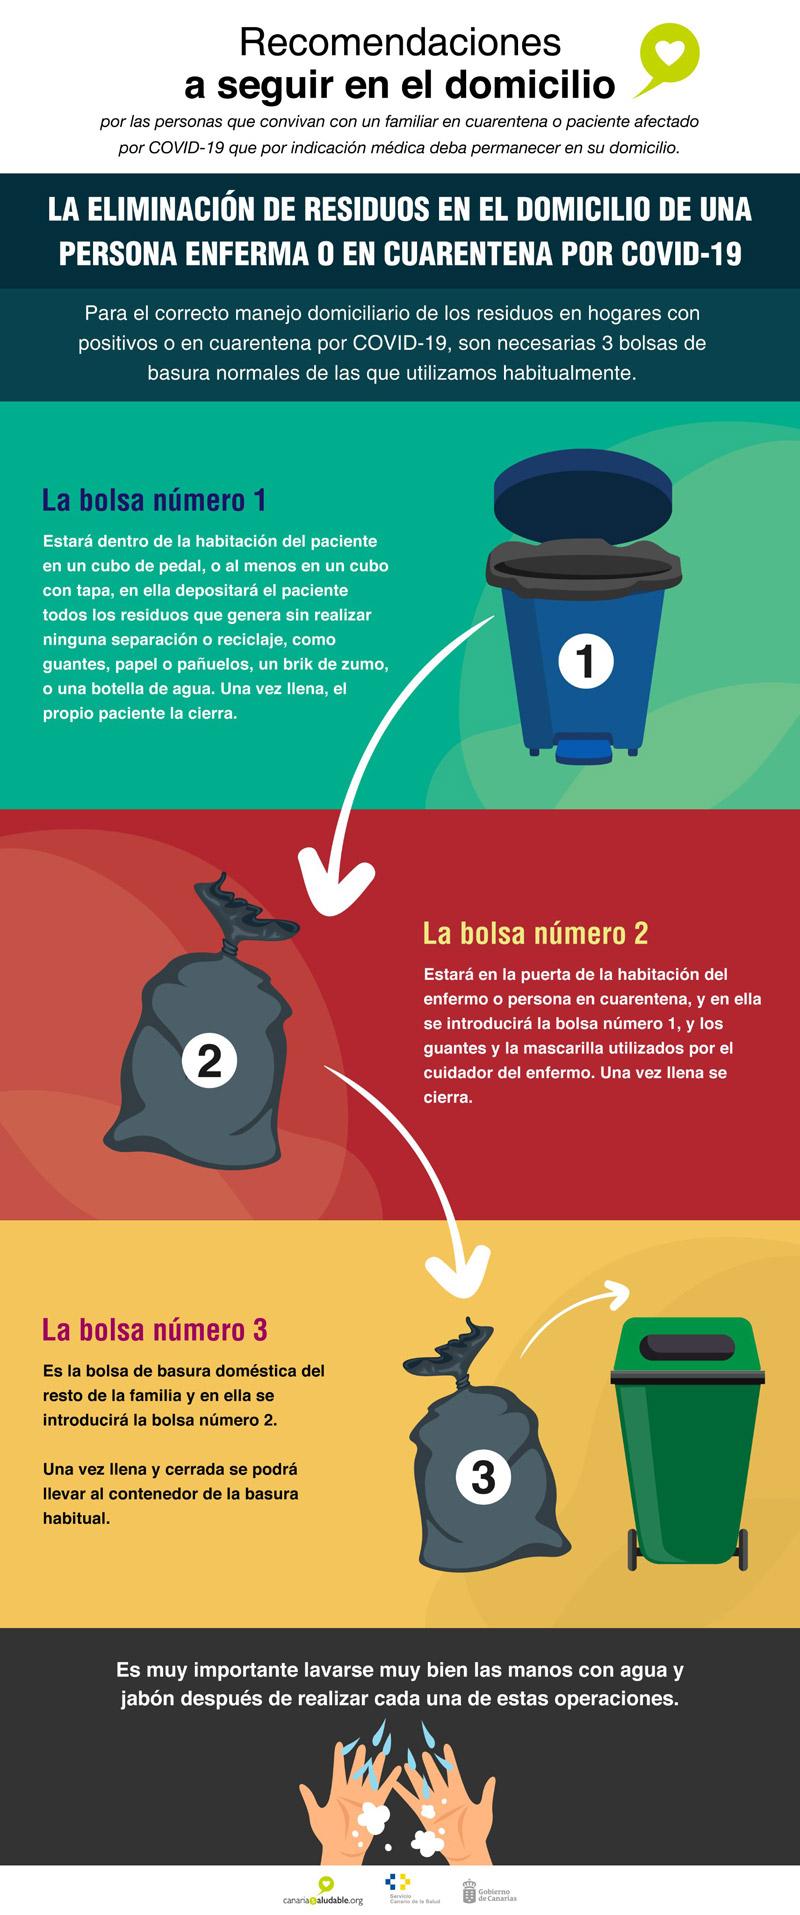 Recomendaciones COVID basura